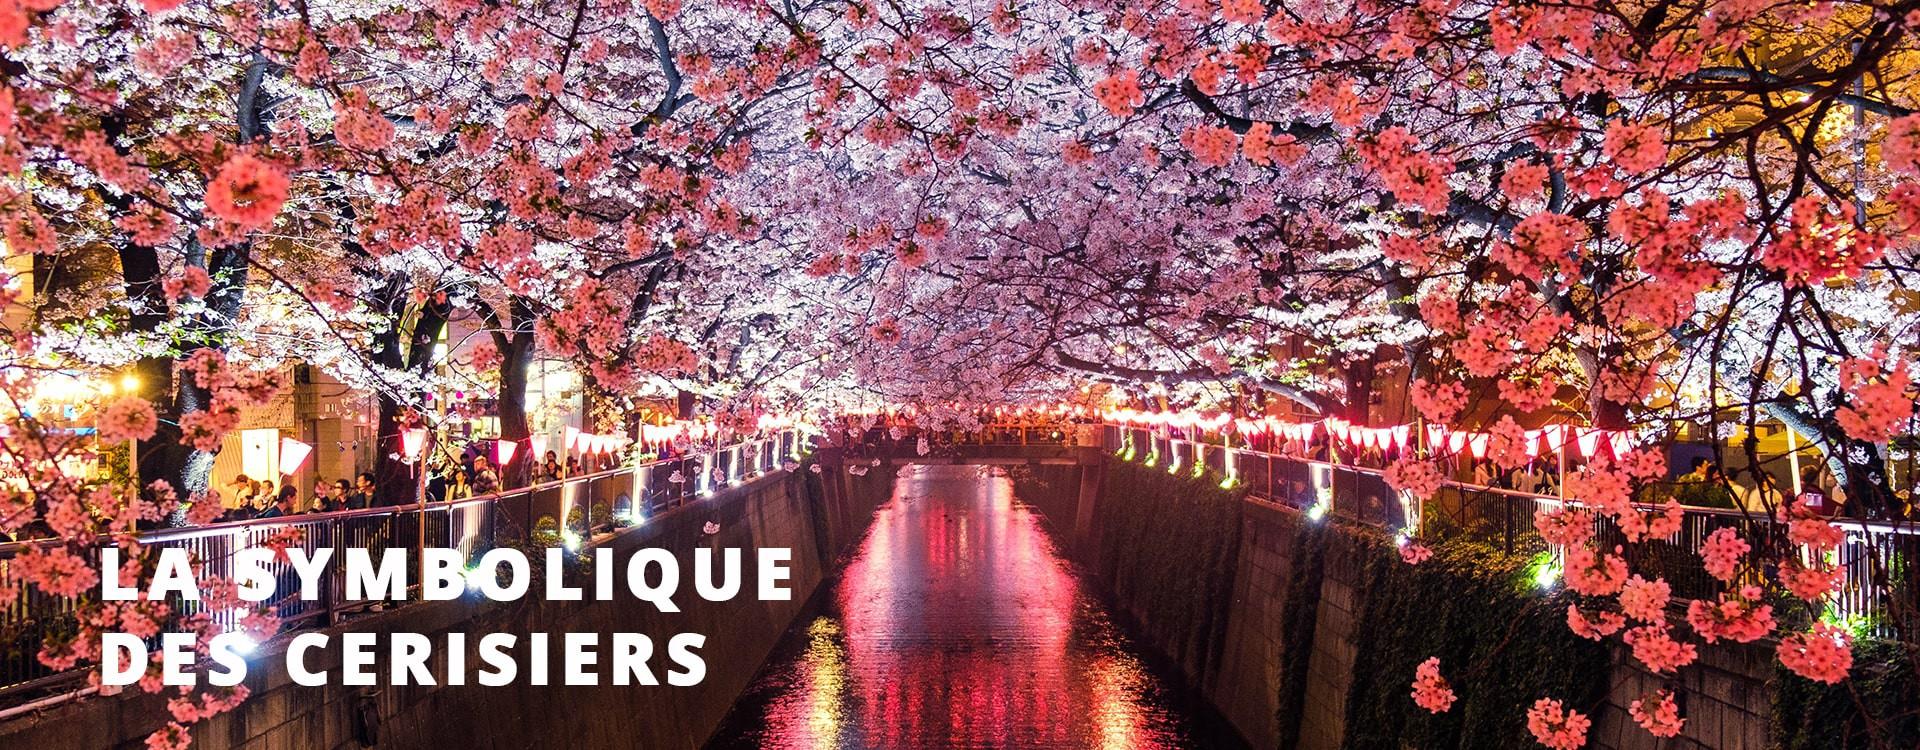 La symbolique des fleurs de cerisiers au Japon